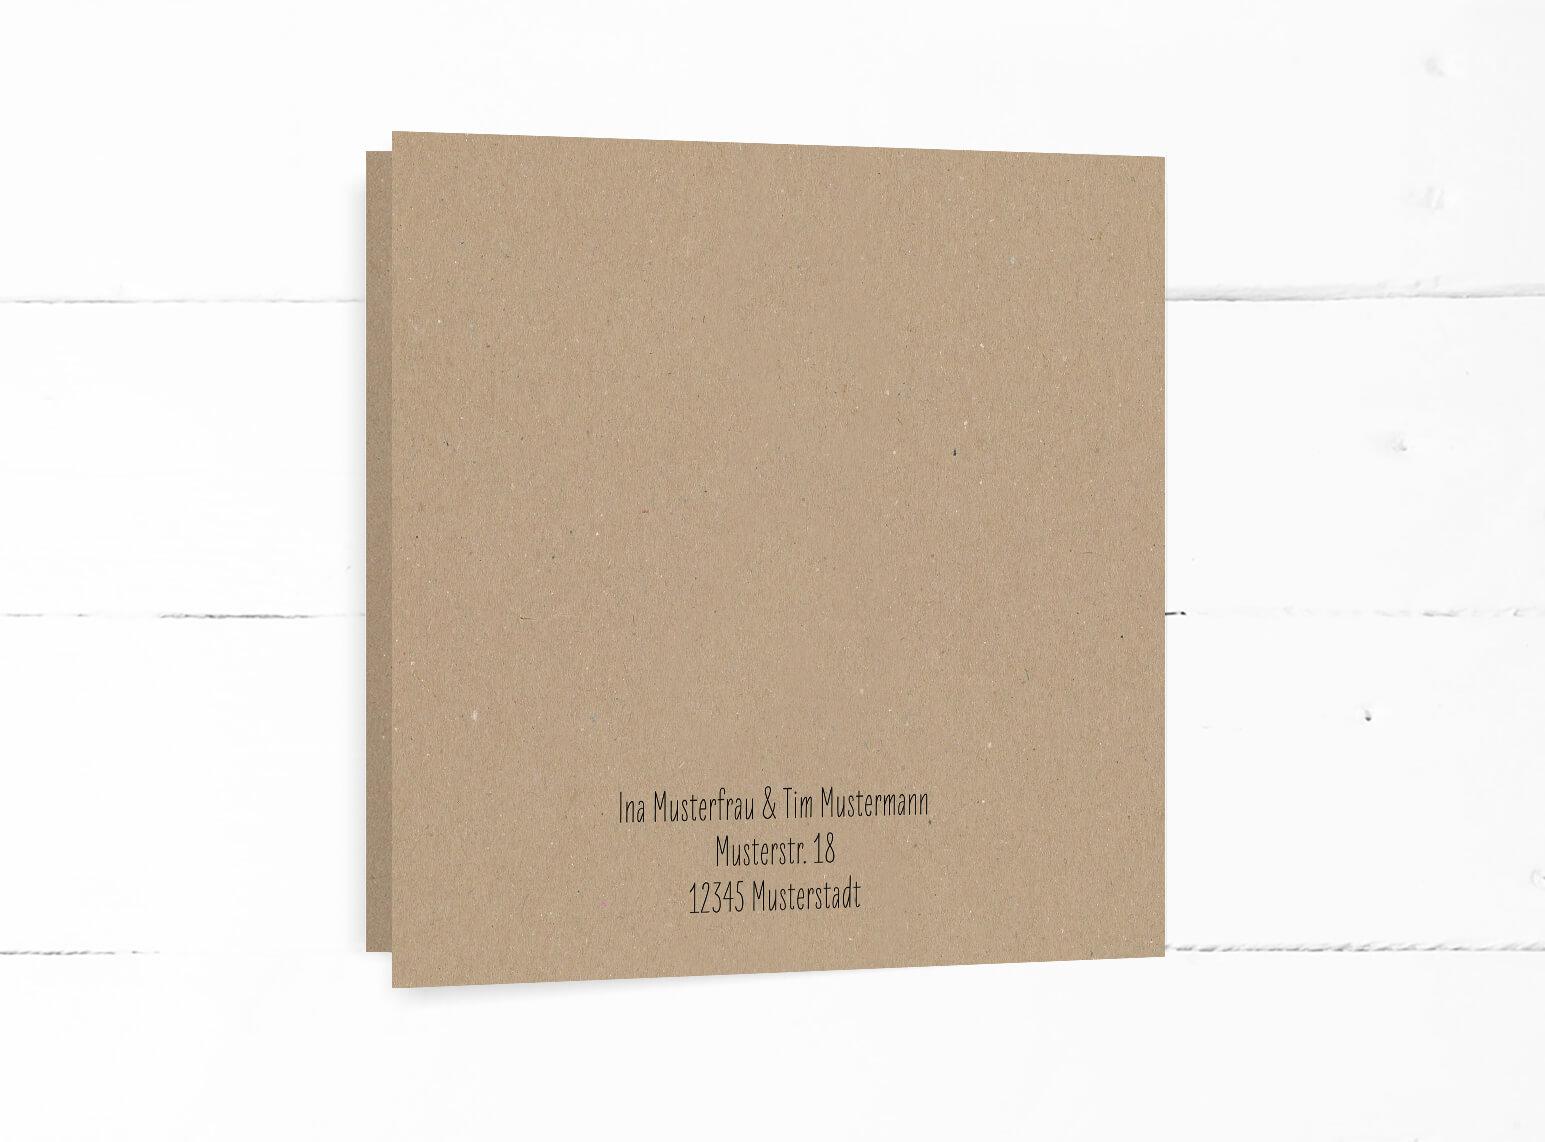 Hochzeit, Einladung, echtes Kraftpapier, schwarze Kalligrafie, quadratische Klappkarte